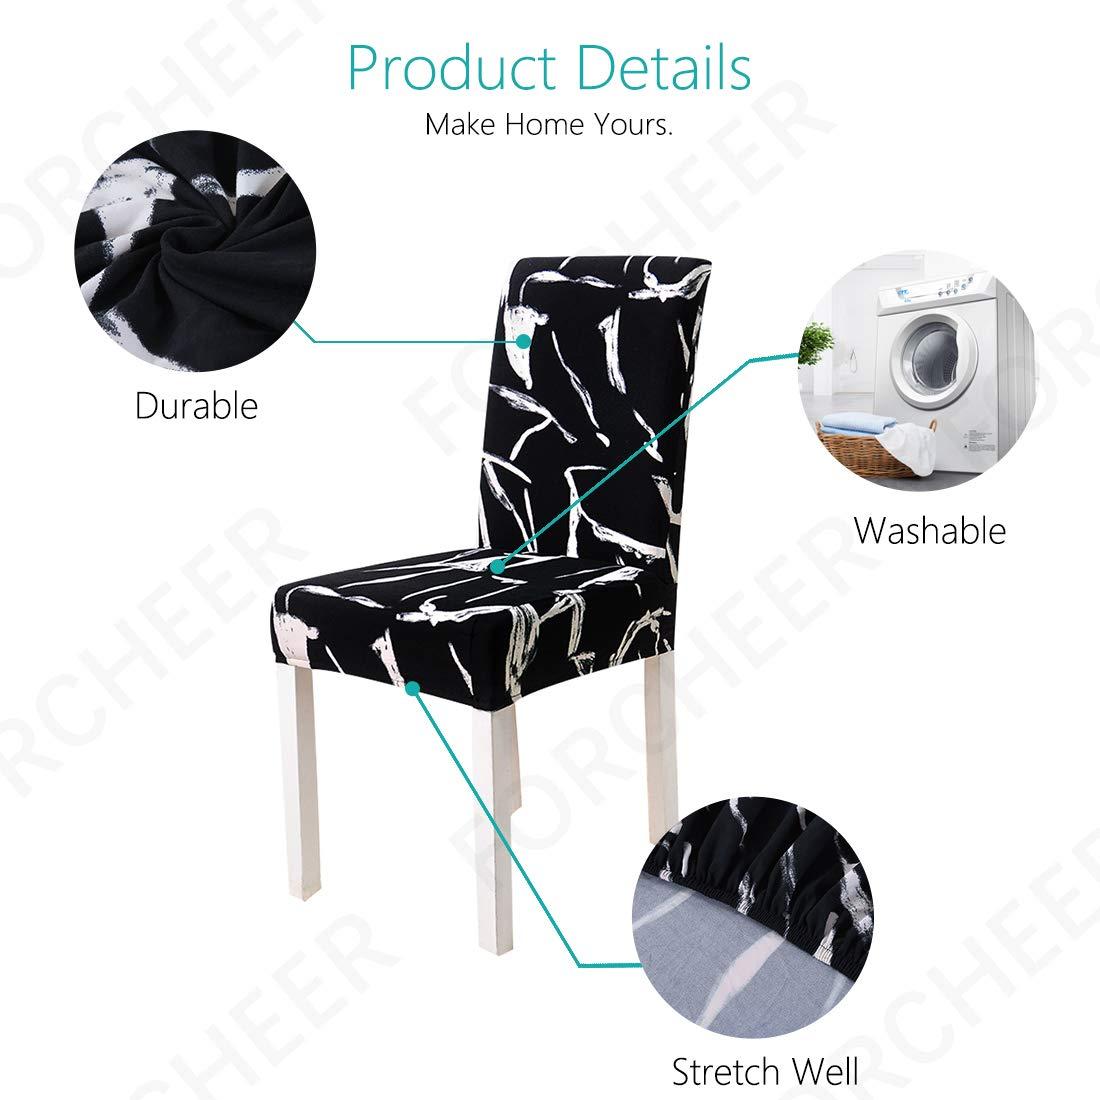 MaxDecro Housses de Chaise pour Salle /à Manger Protecteurs Amovibles lavables pour chaises Hautes 4 PCS